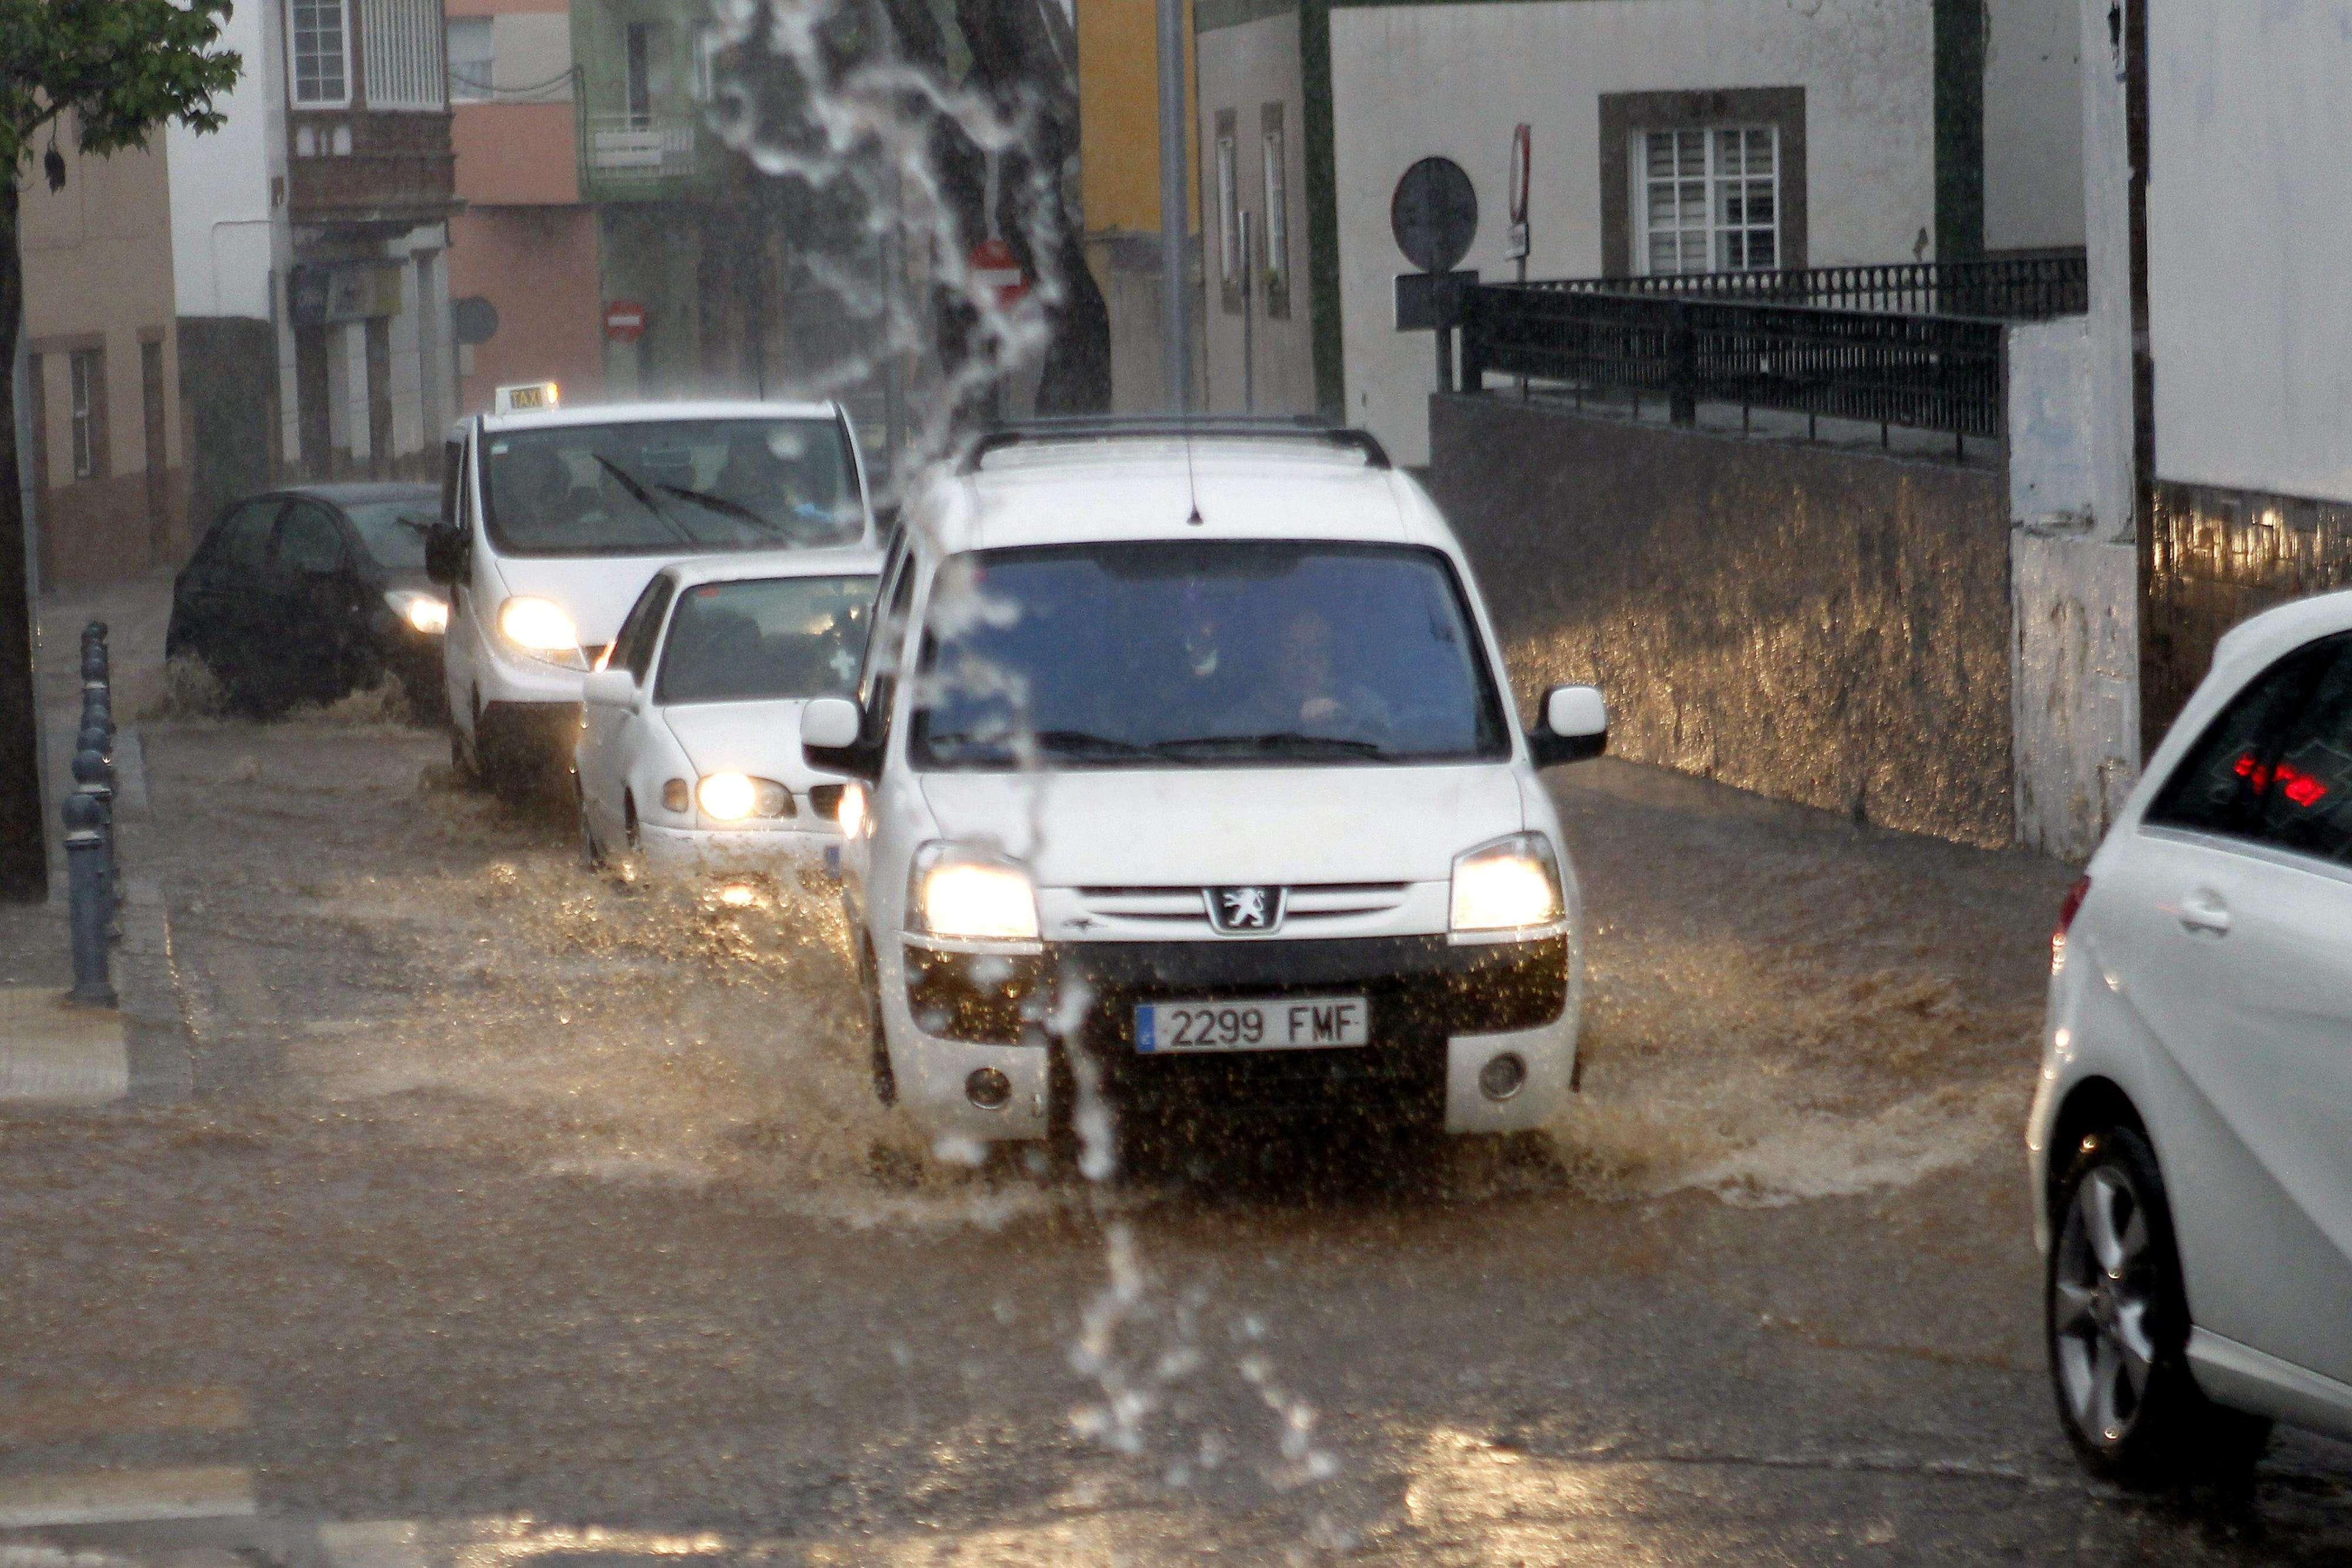 La Dirección General de Seguridad y Emergencia del Gobierno de Canarias ha declarado la situación de alerta por fuertes precipitaciones en las islas de Tenerife, La Palma, La Gomera y El Hierro. En la imagen, varios vehículos circulan por las calles anegadas. Foto: EFE en español